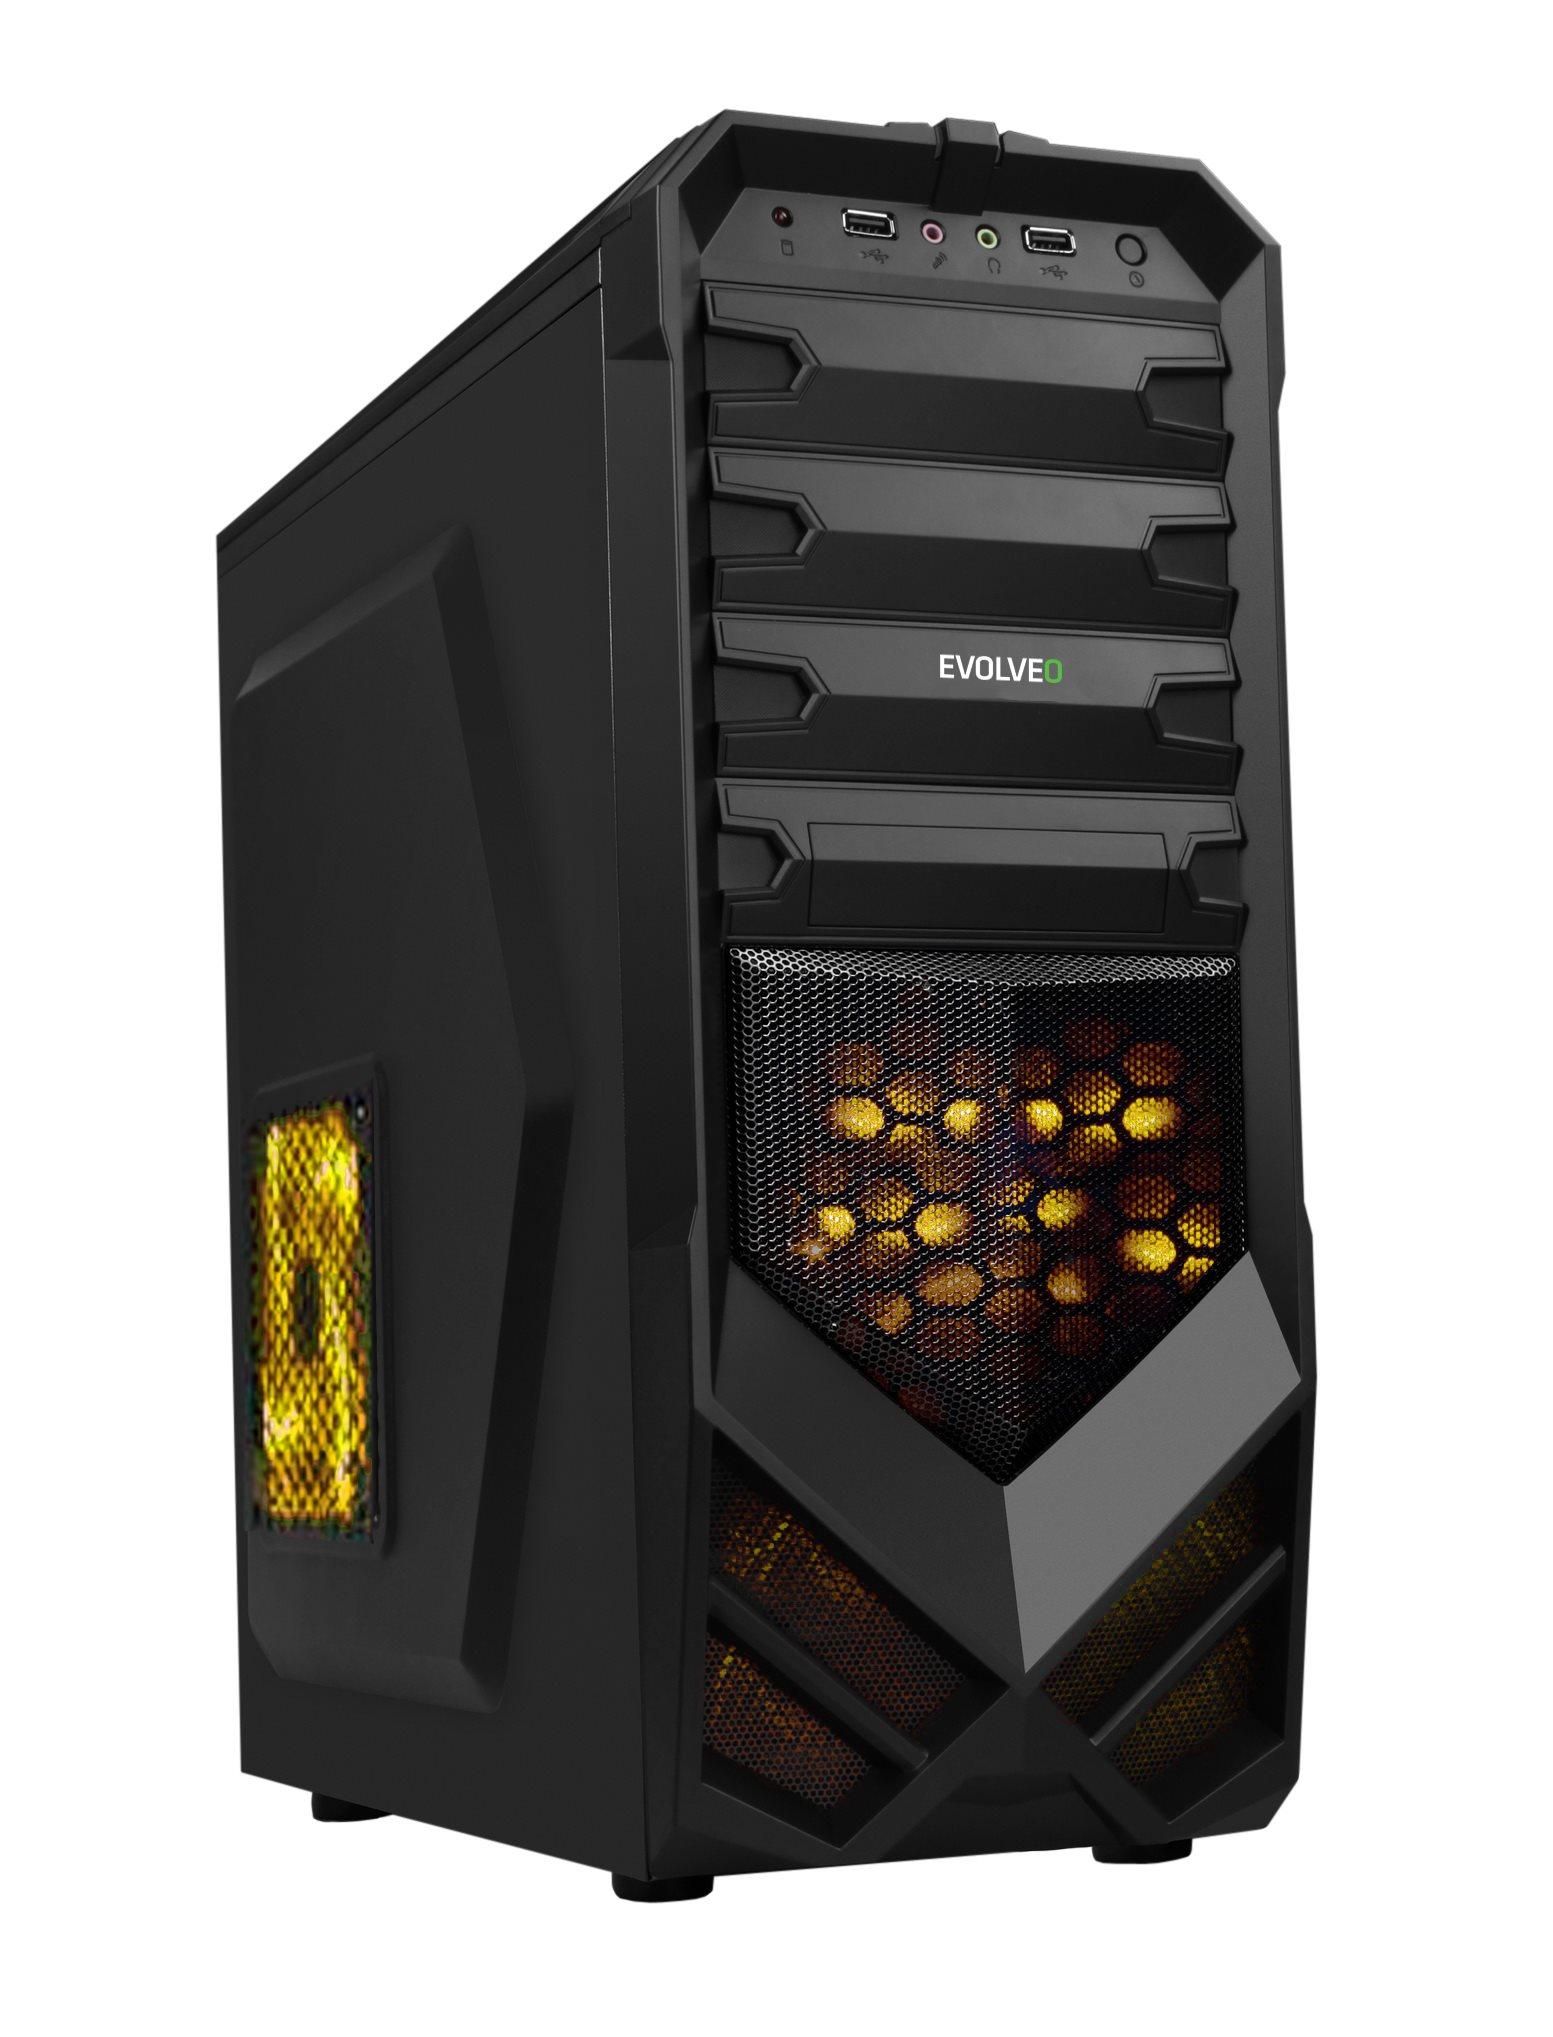 EVOLVEO case K4, ATX, black, 2x žlutý 120mm větrák, 1x USB 3.0 a 2x USB 2.0 + audio výstup na čelním panelu